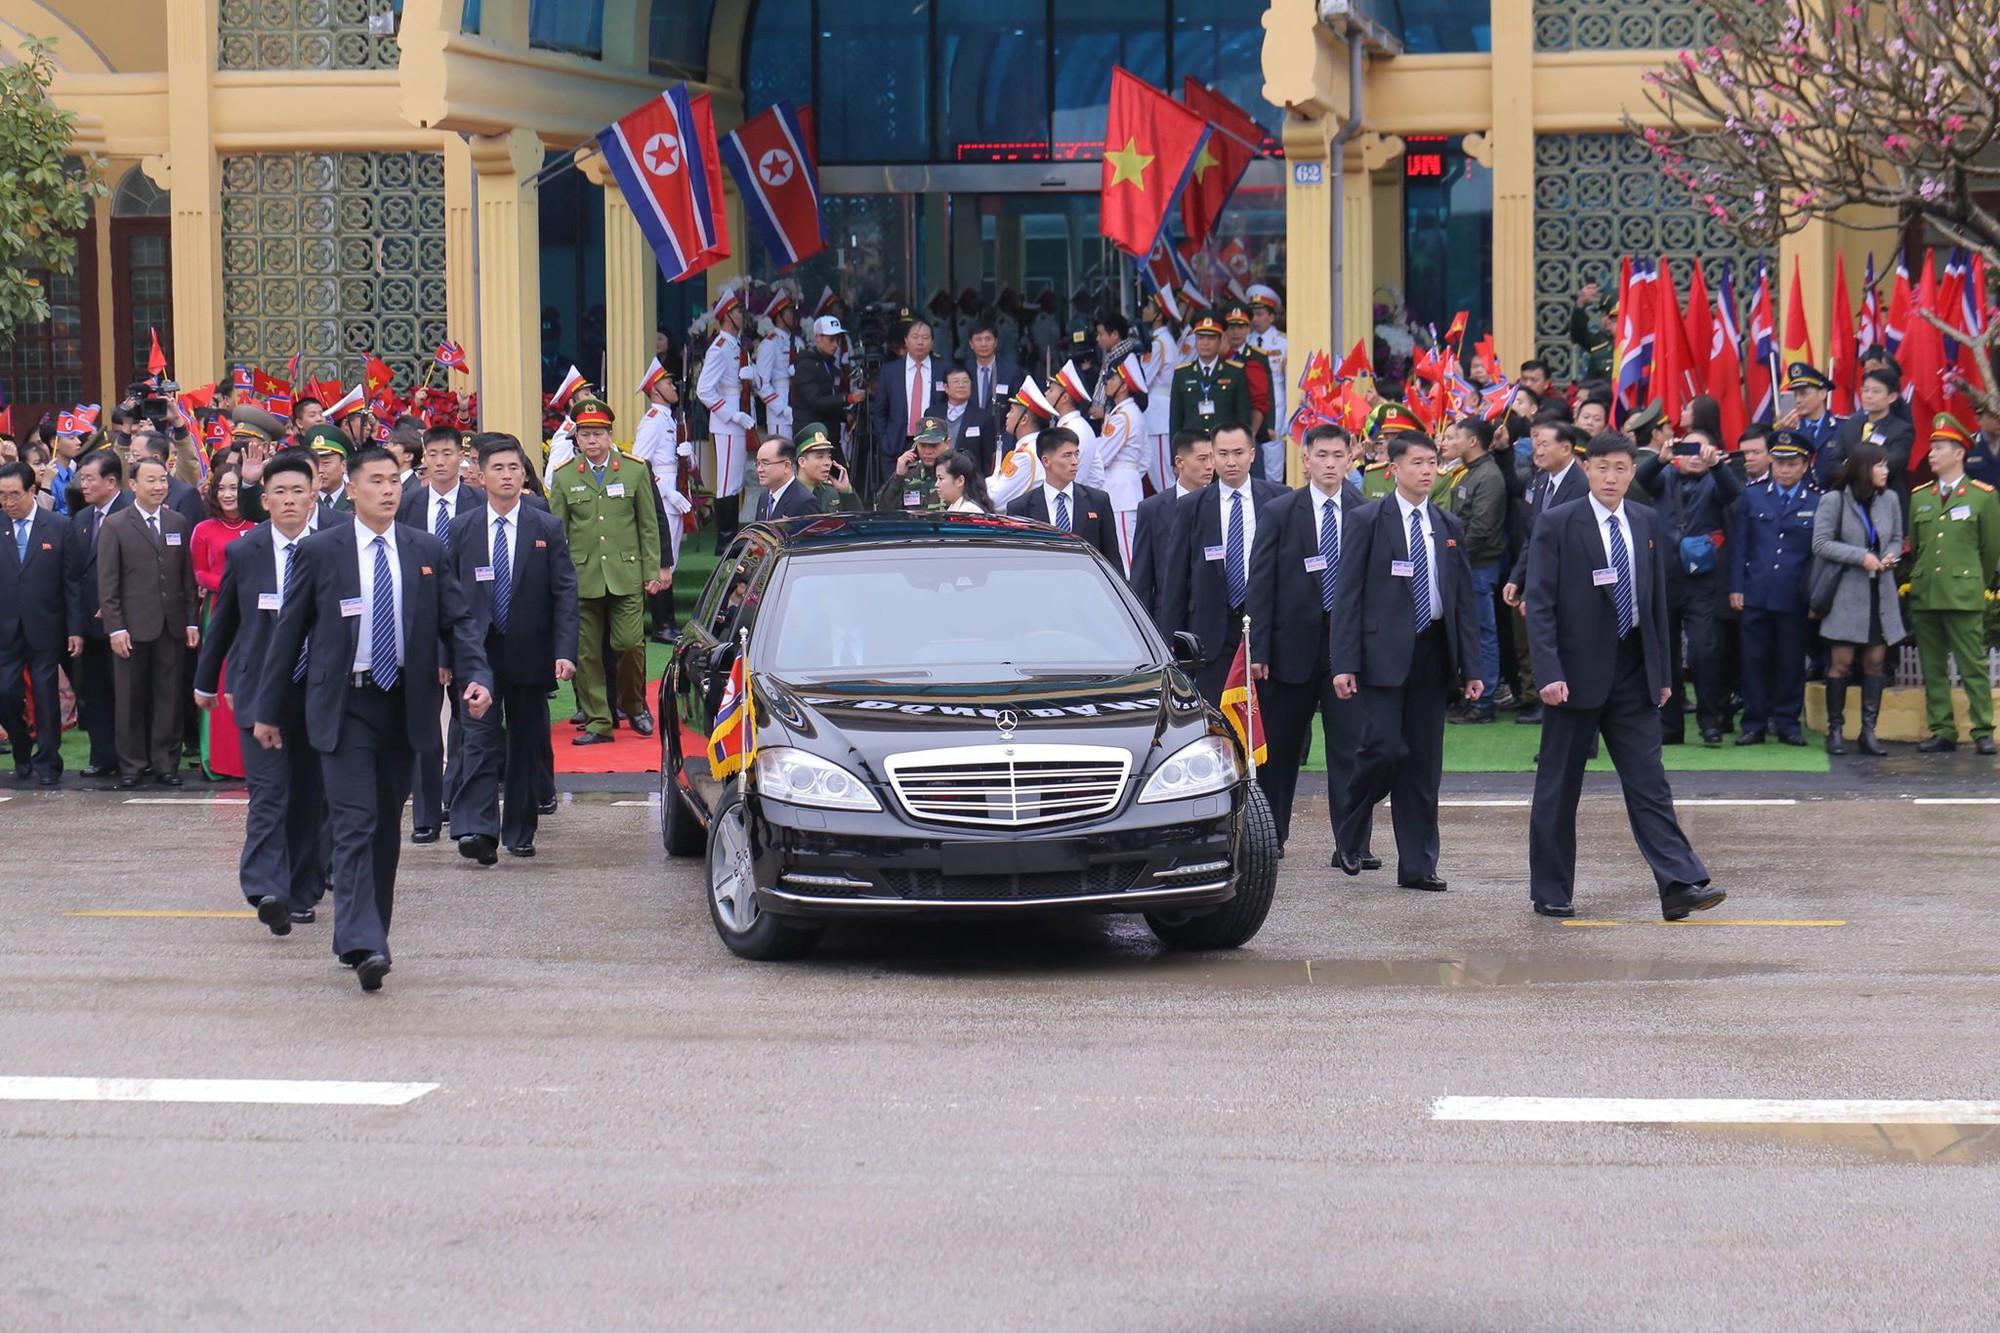 Toàn cảnh đón Chủ tịch Triều Tiên Kim Jong-un tại Việt Nam - Ảnh 13.